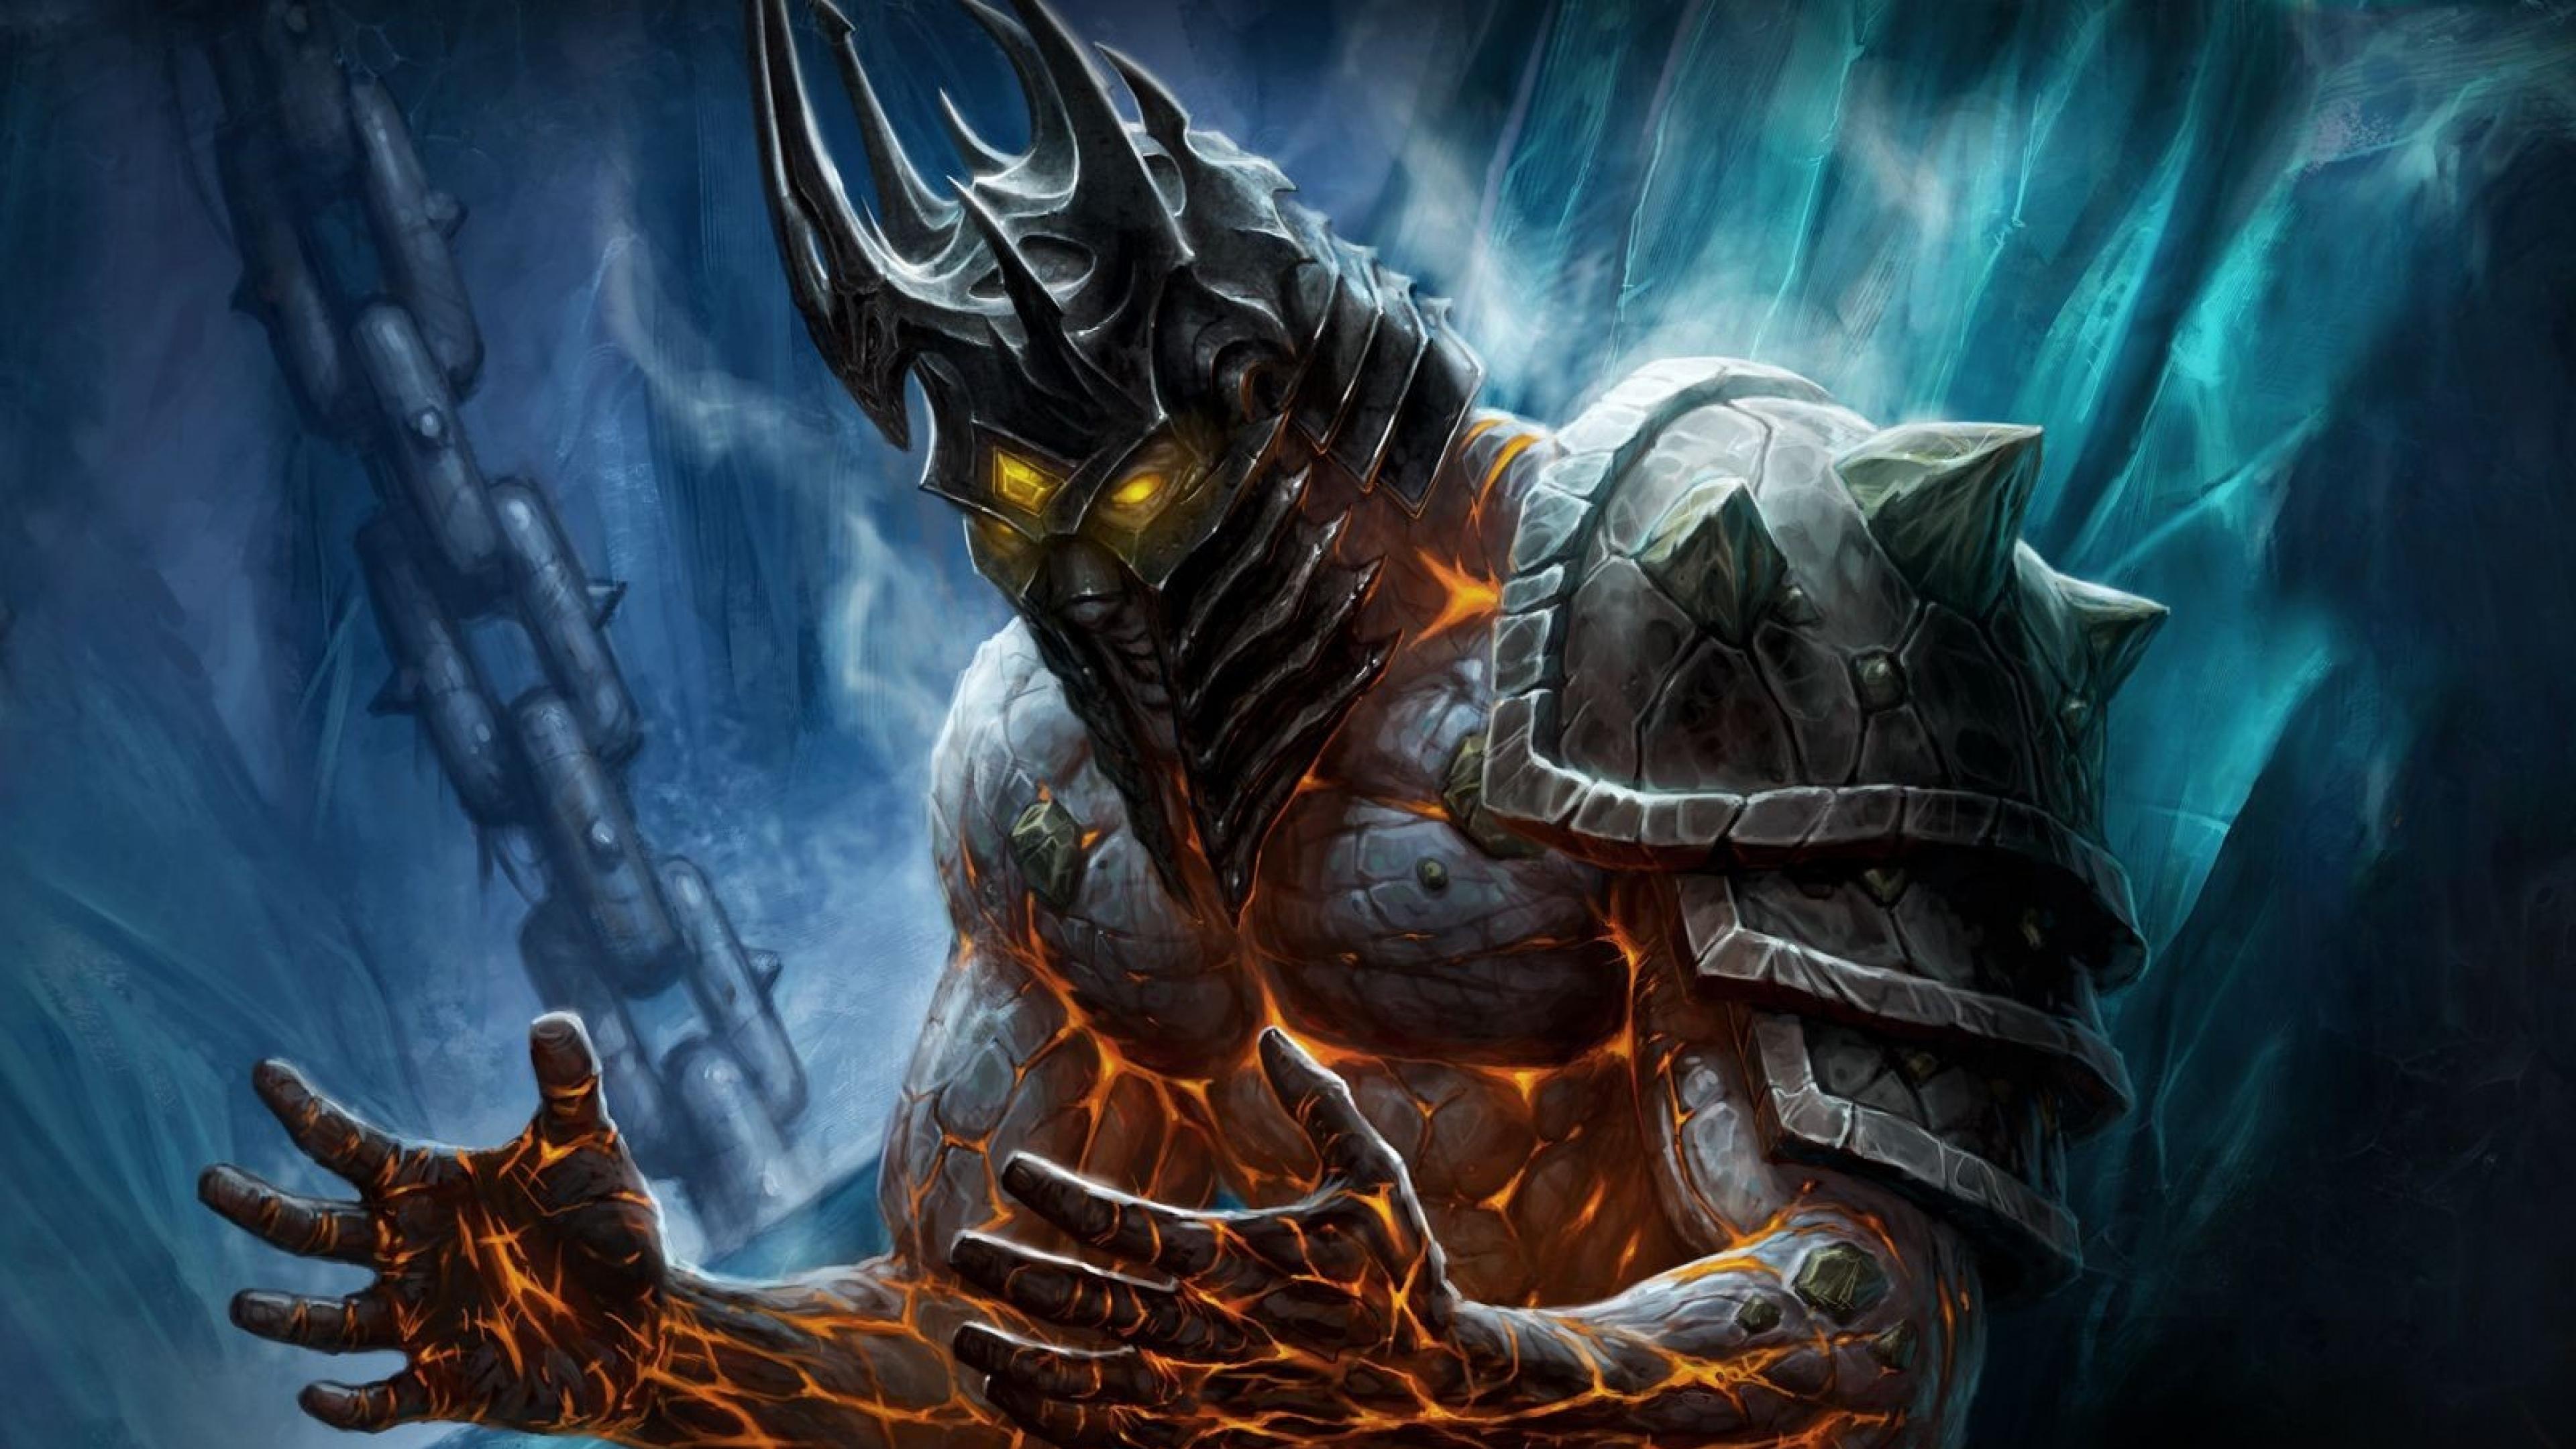 Wallpaper 3840x2160 world of warcraft monster hands armor 4K 3840x2160